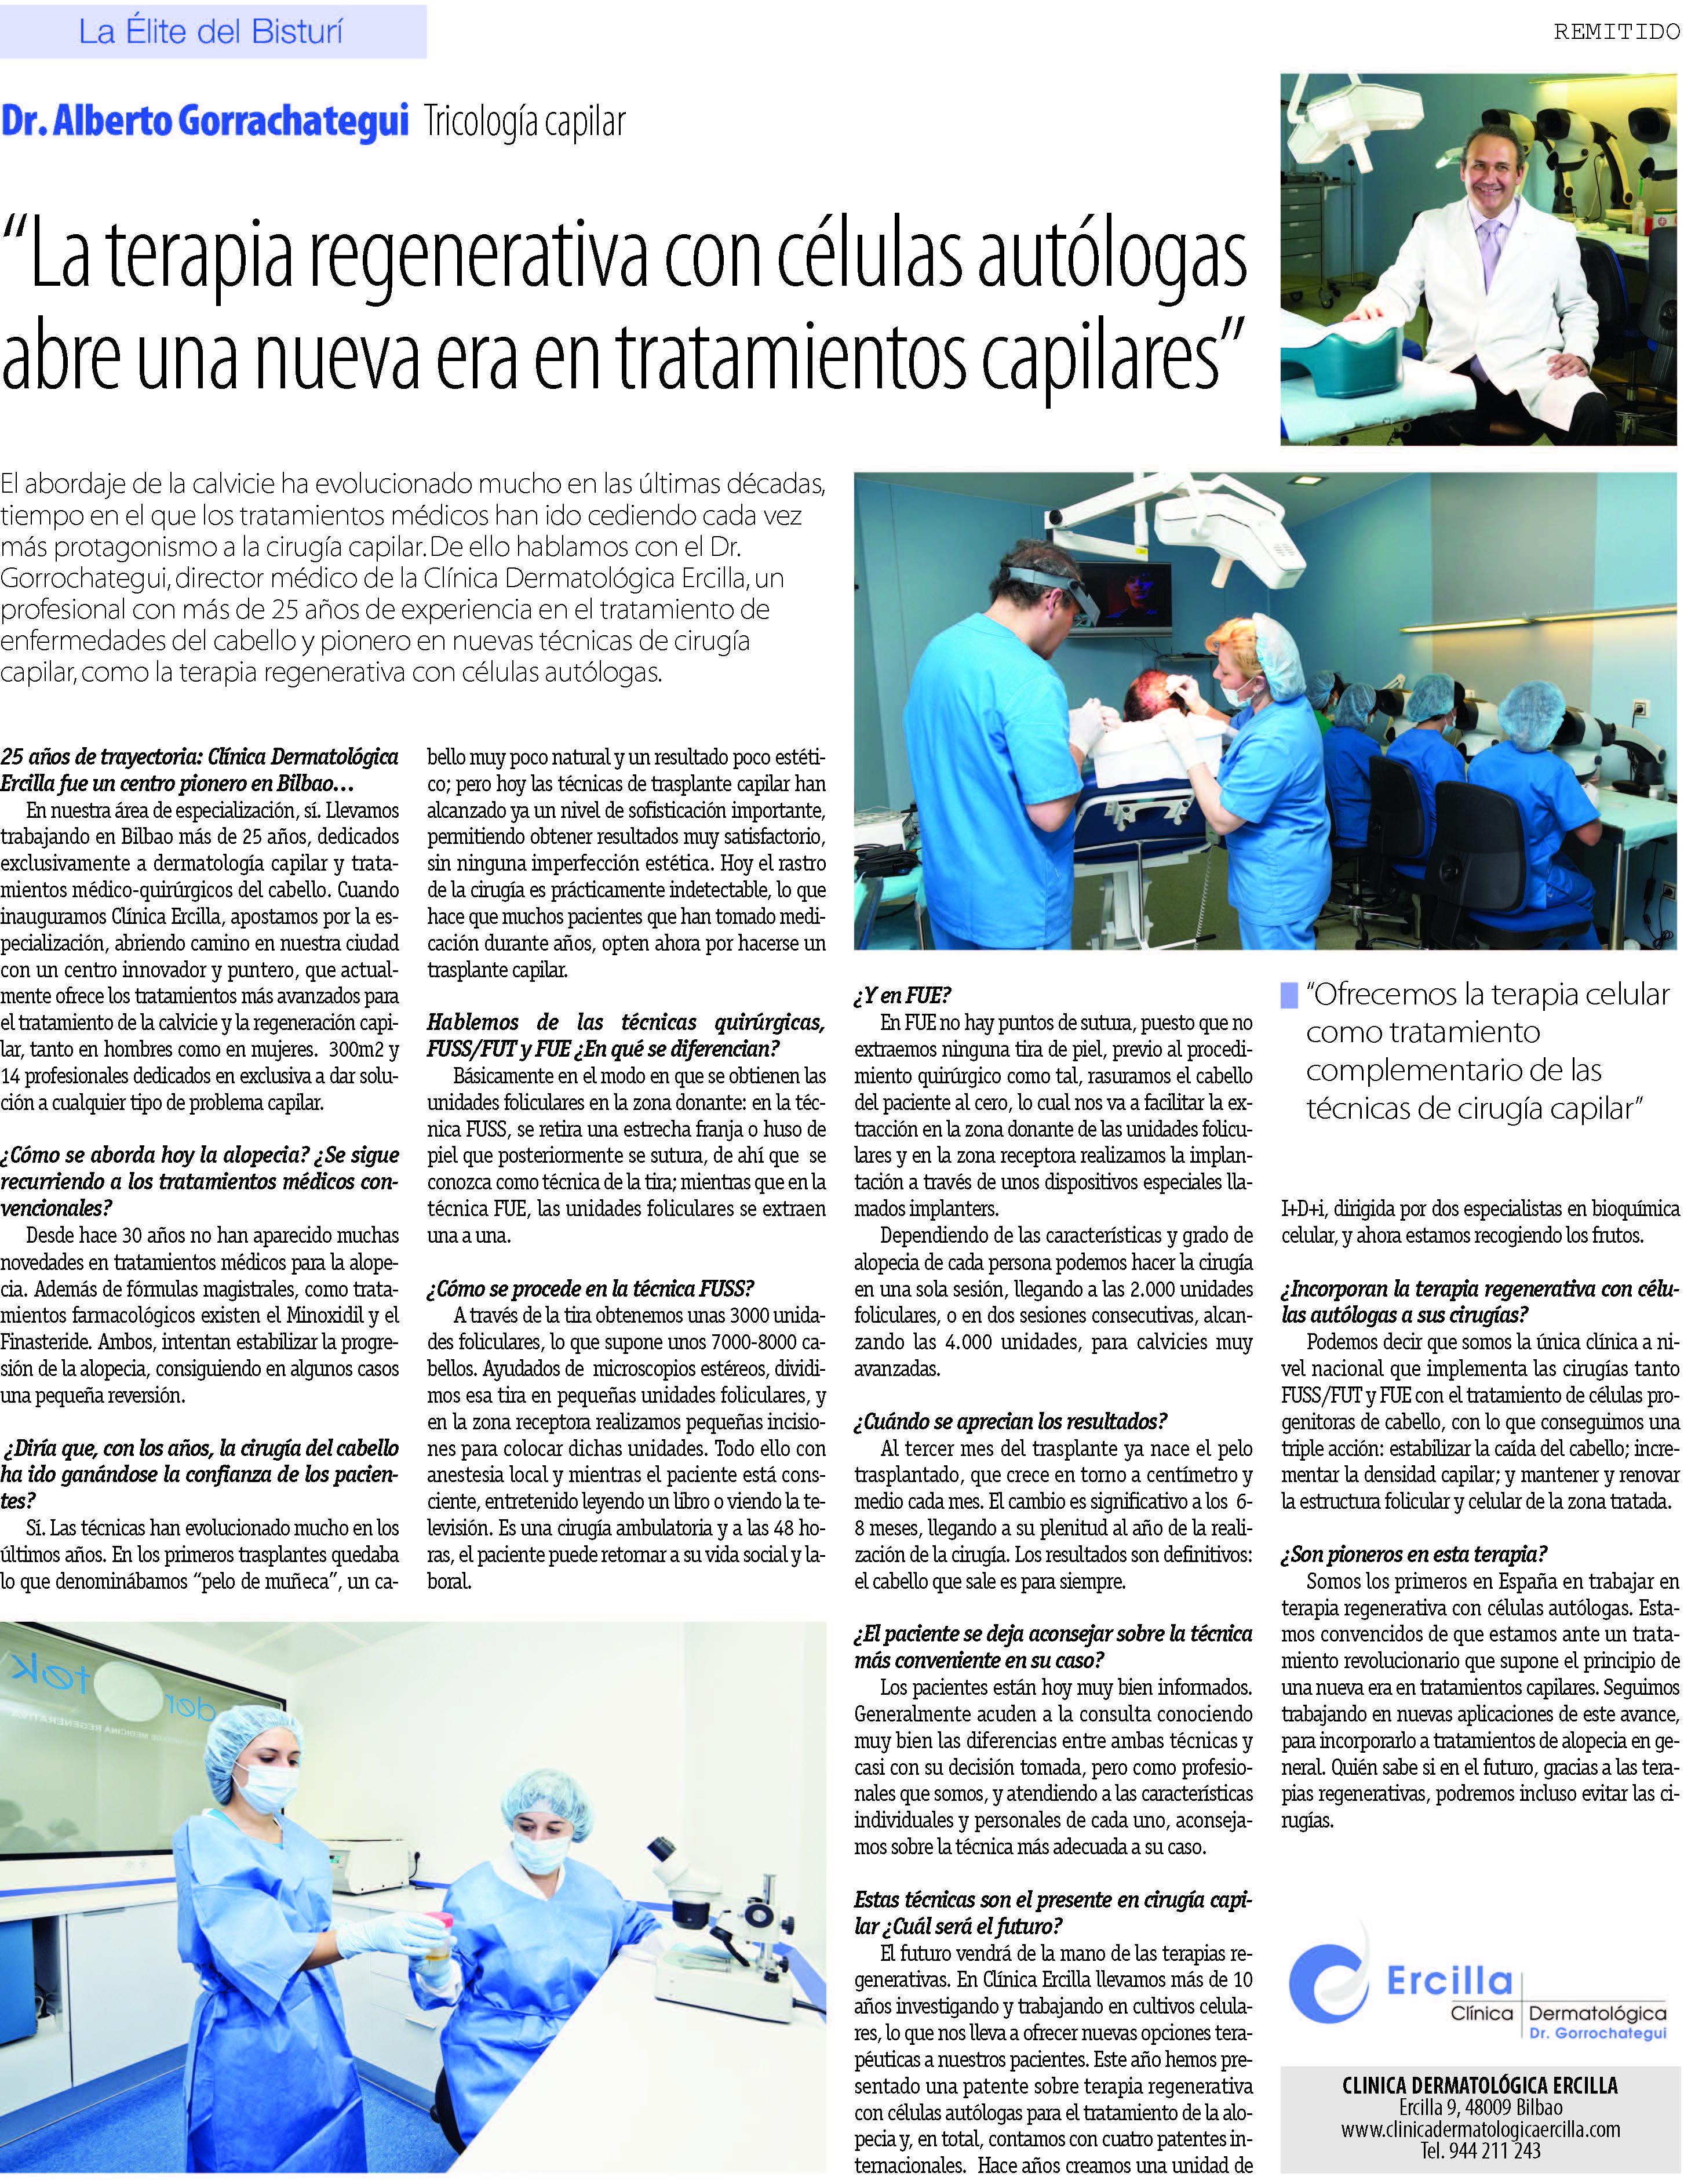 260659-Clinica Ercilla